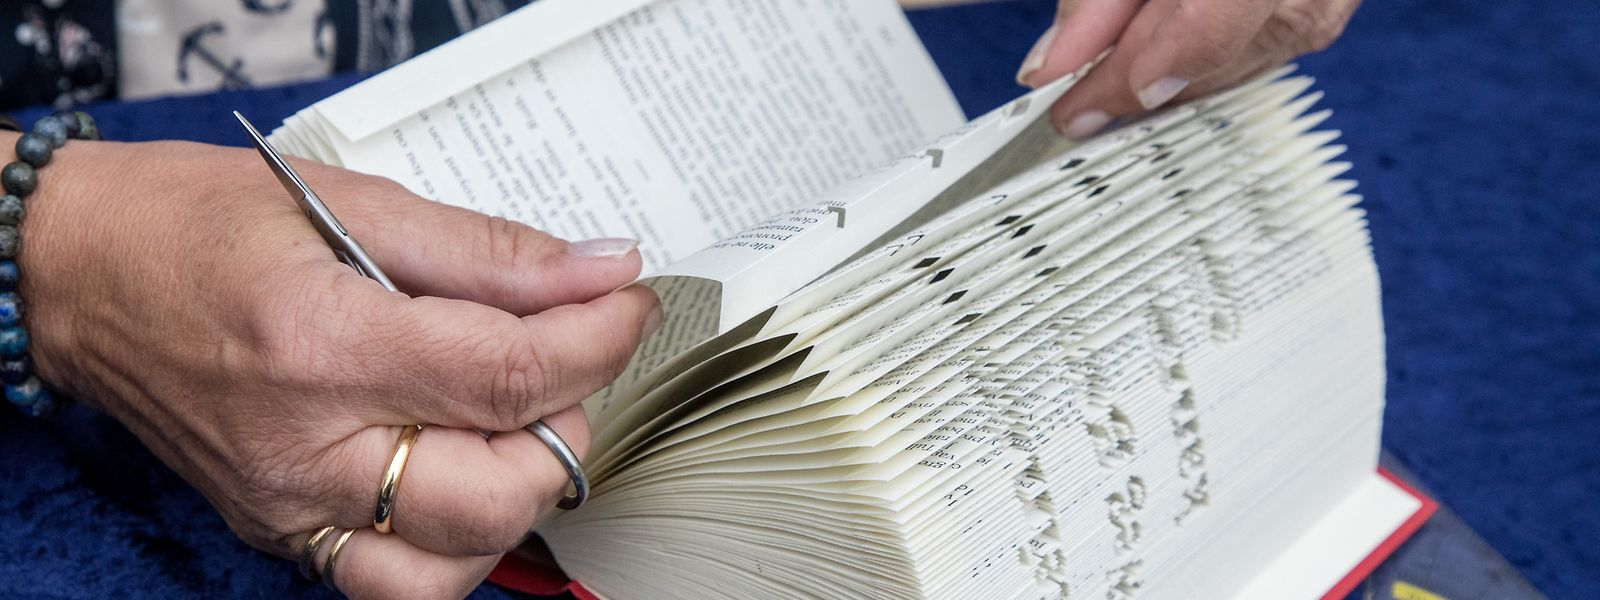 Eliane Lothritz hat ein ungewöhnliches Hobby: Sie faltet Motive in Bücher